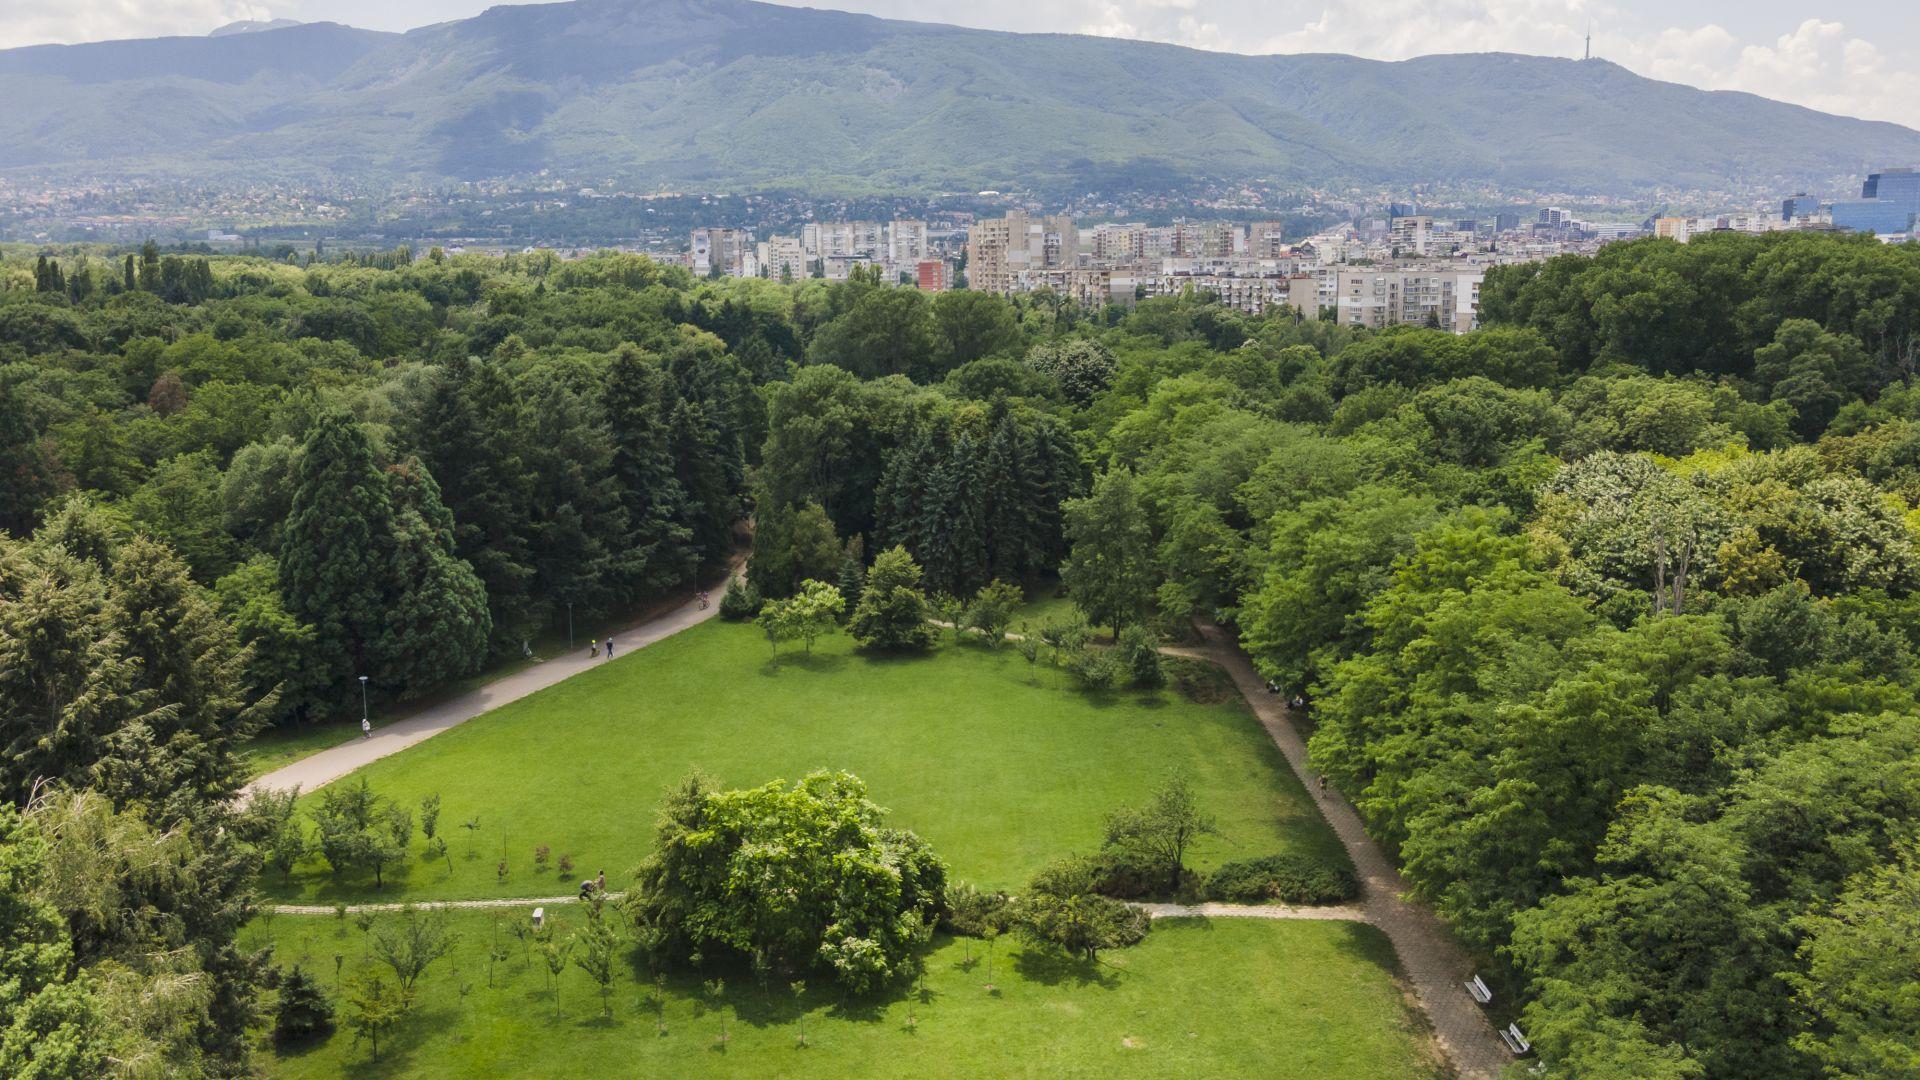 София втора най-зелена столица в Европа в международен конкурс